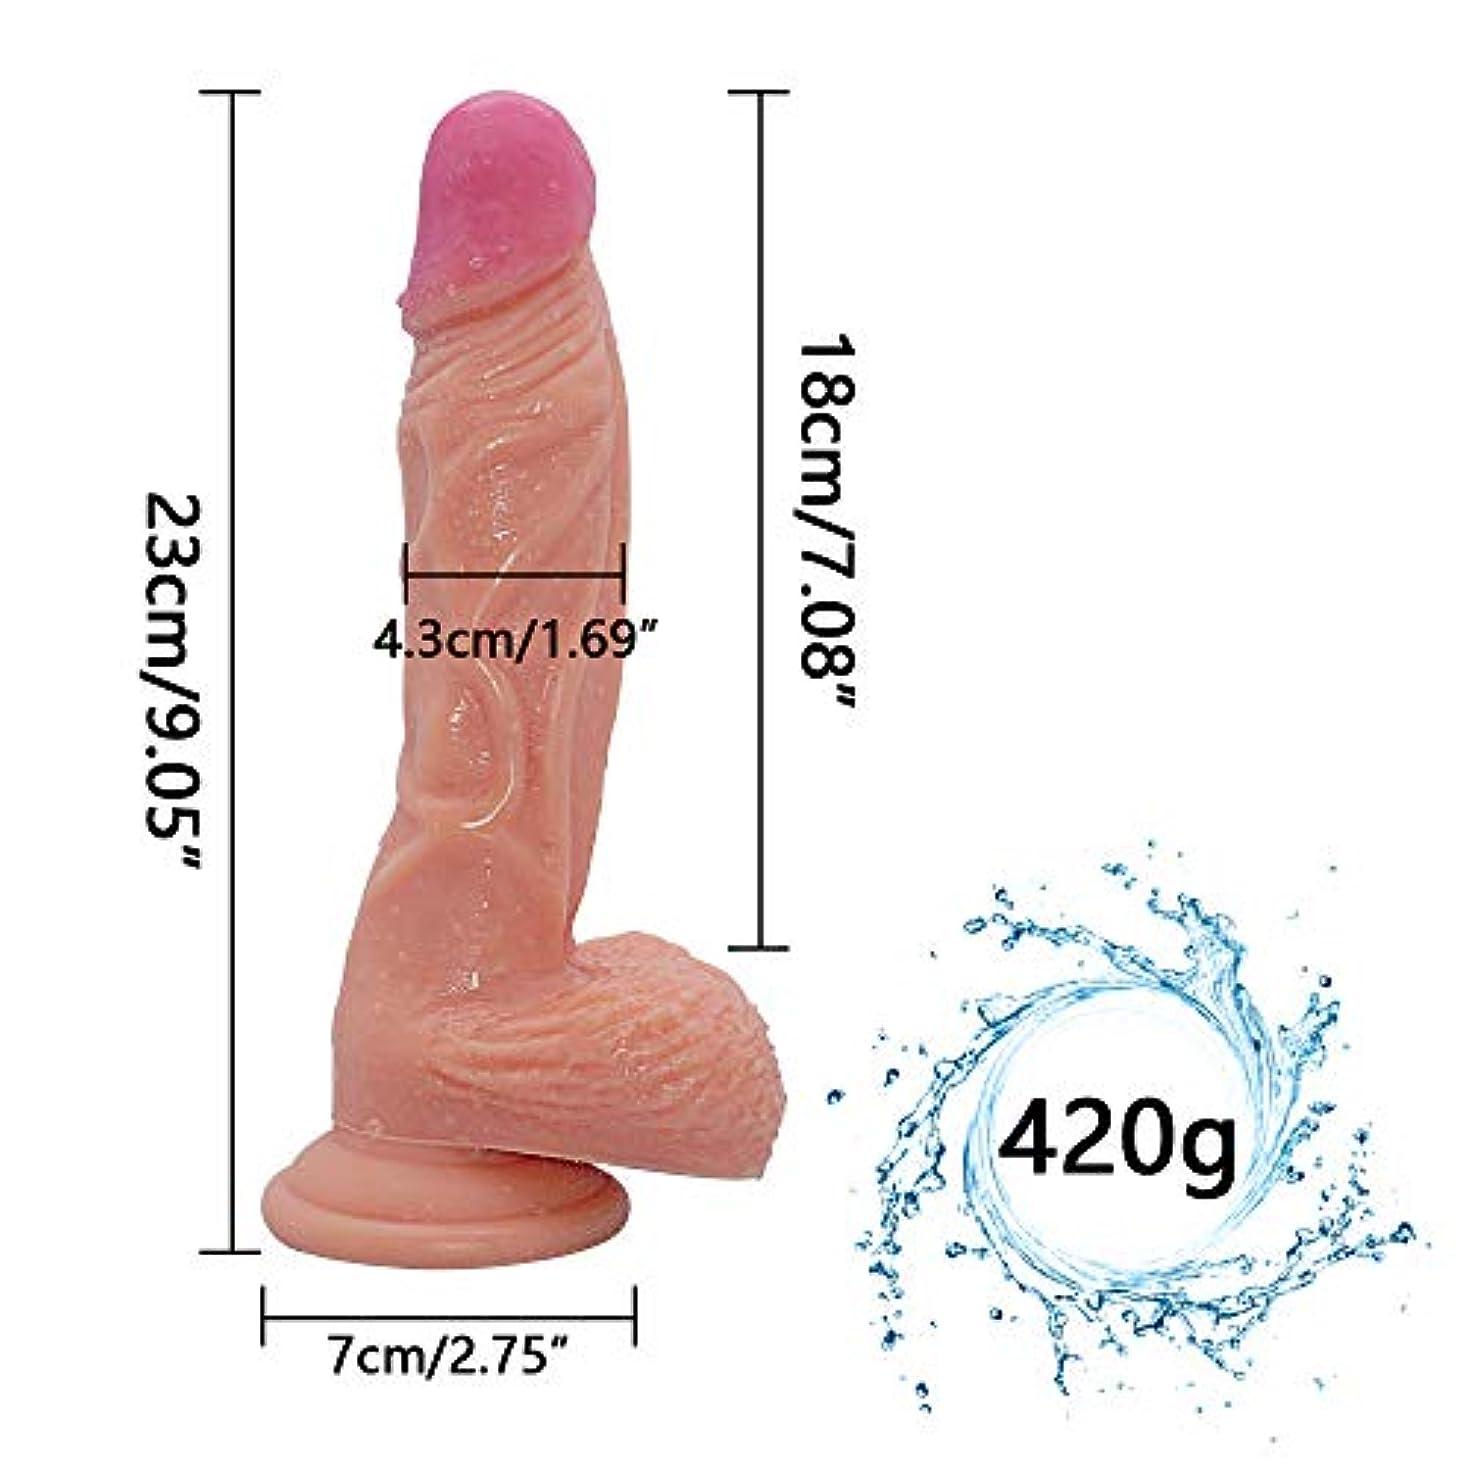 理解するすばらしいです応じる8.86インチ特大の女性リラックスアドバンス-肉-mangdunxiaozhen2.1